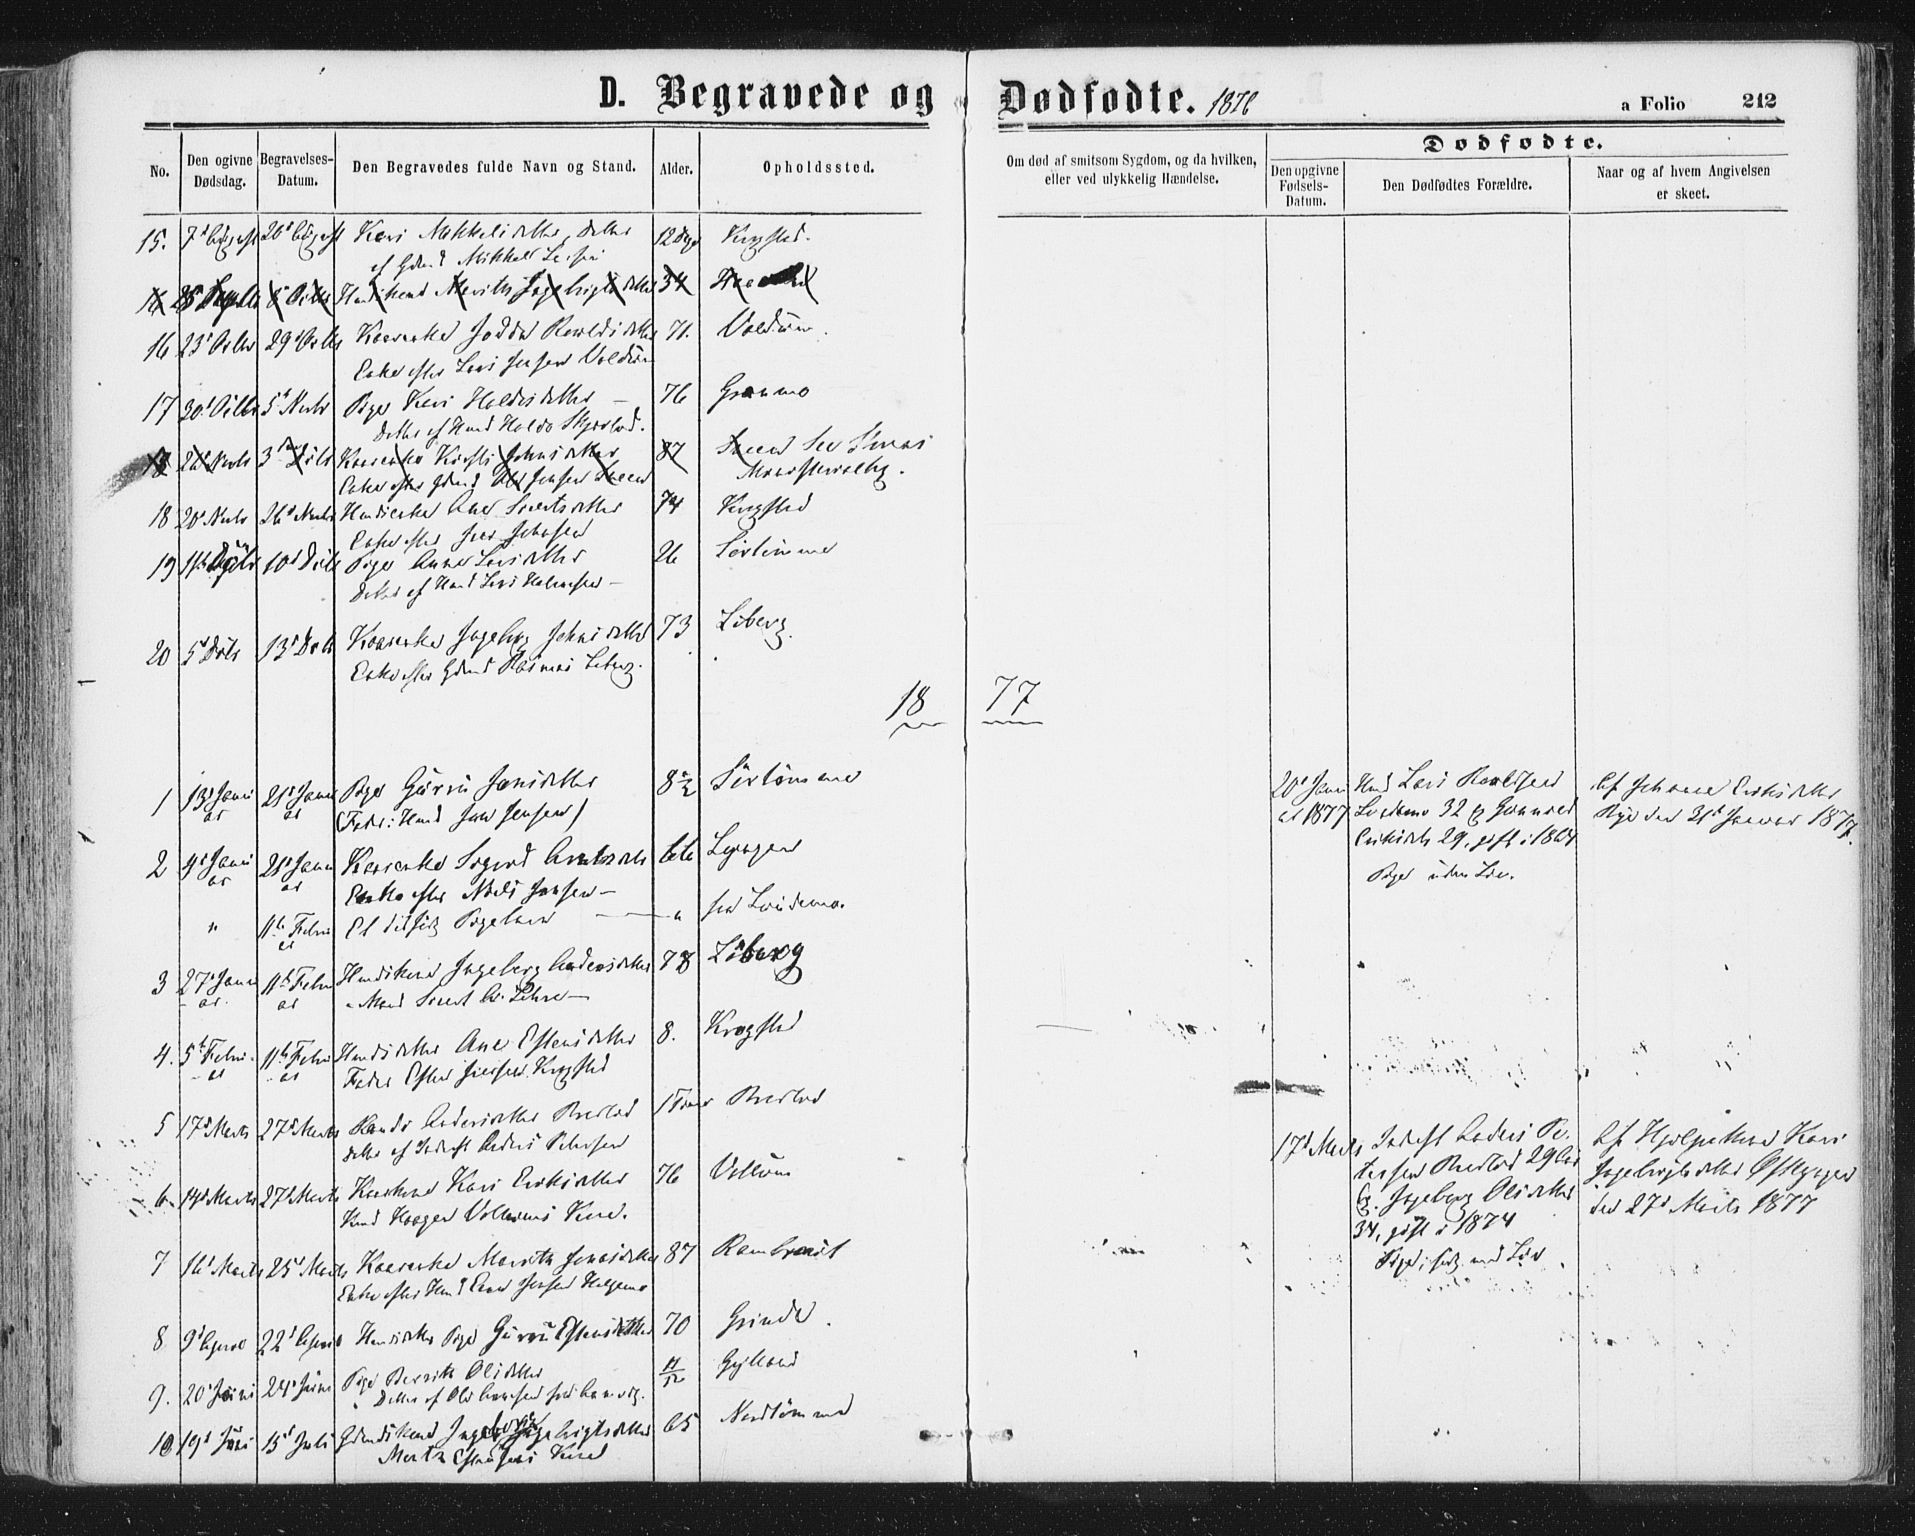 SAT, Ministerialprotokoller, klokkerbøker og fødselsregistre - Sør-Trøndelag, 692/L1104: Ministerialbok nr. 692A04, 1862-1878, s. 212